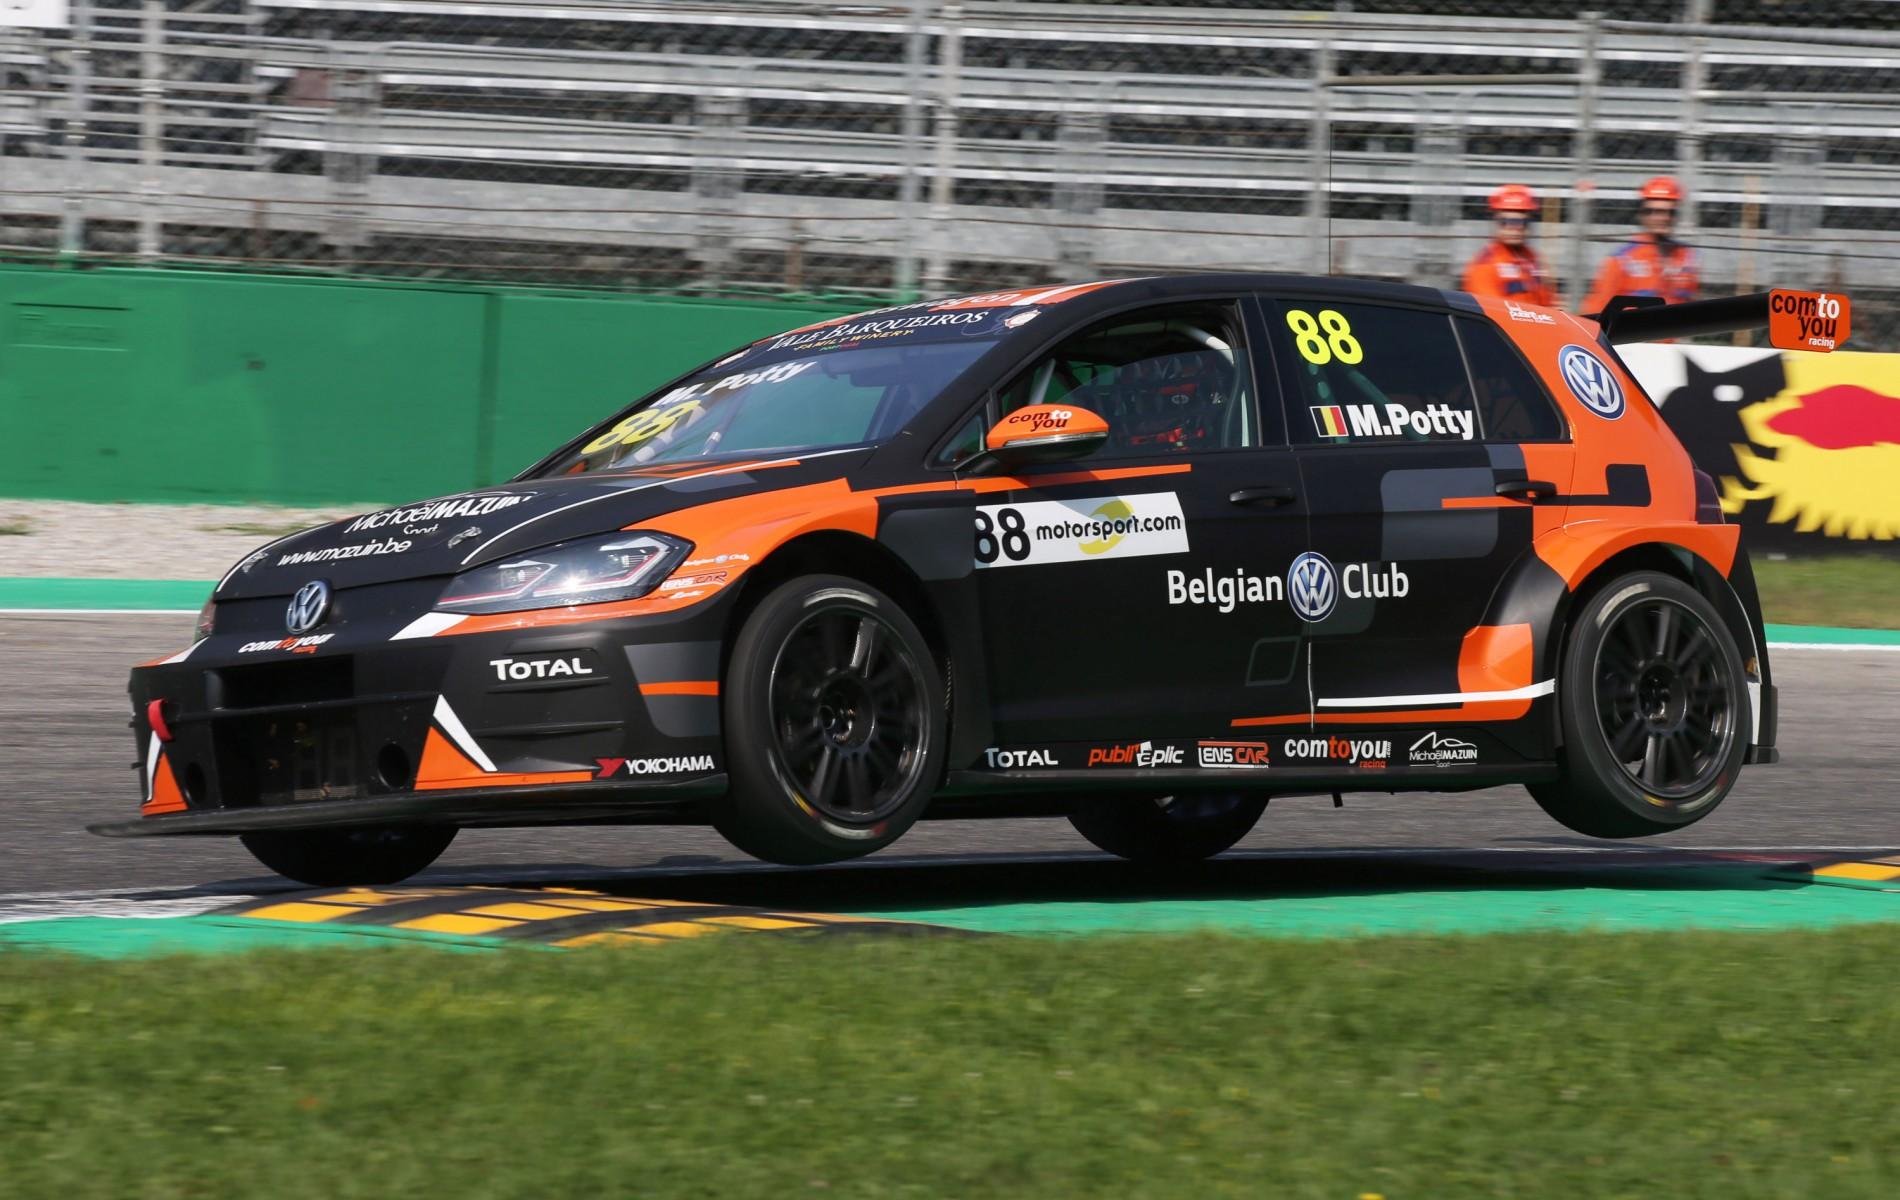 Maxime Potty weer in de kopgroep in Monza